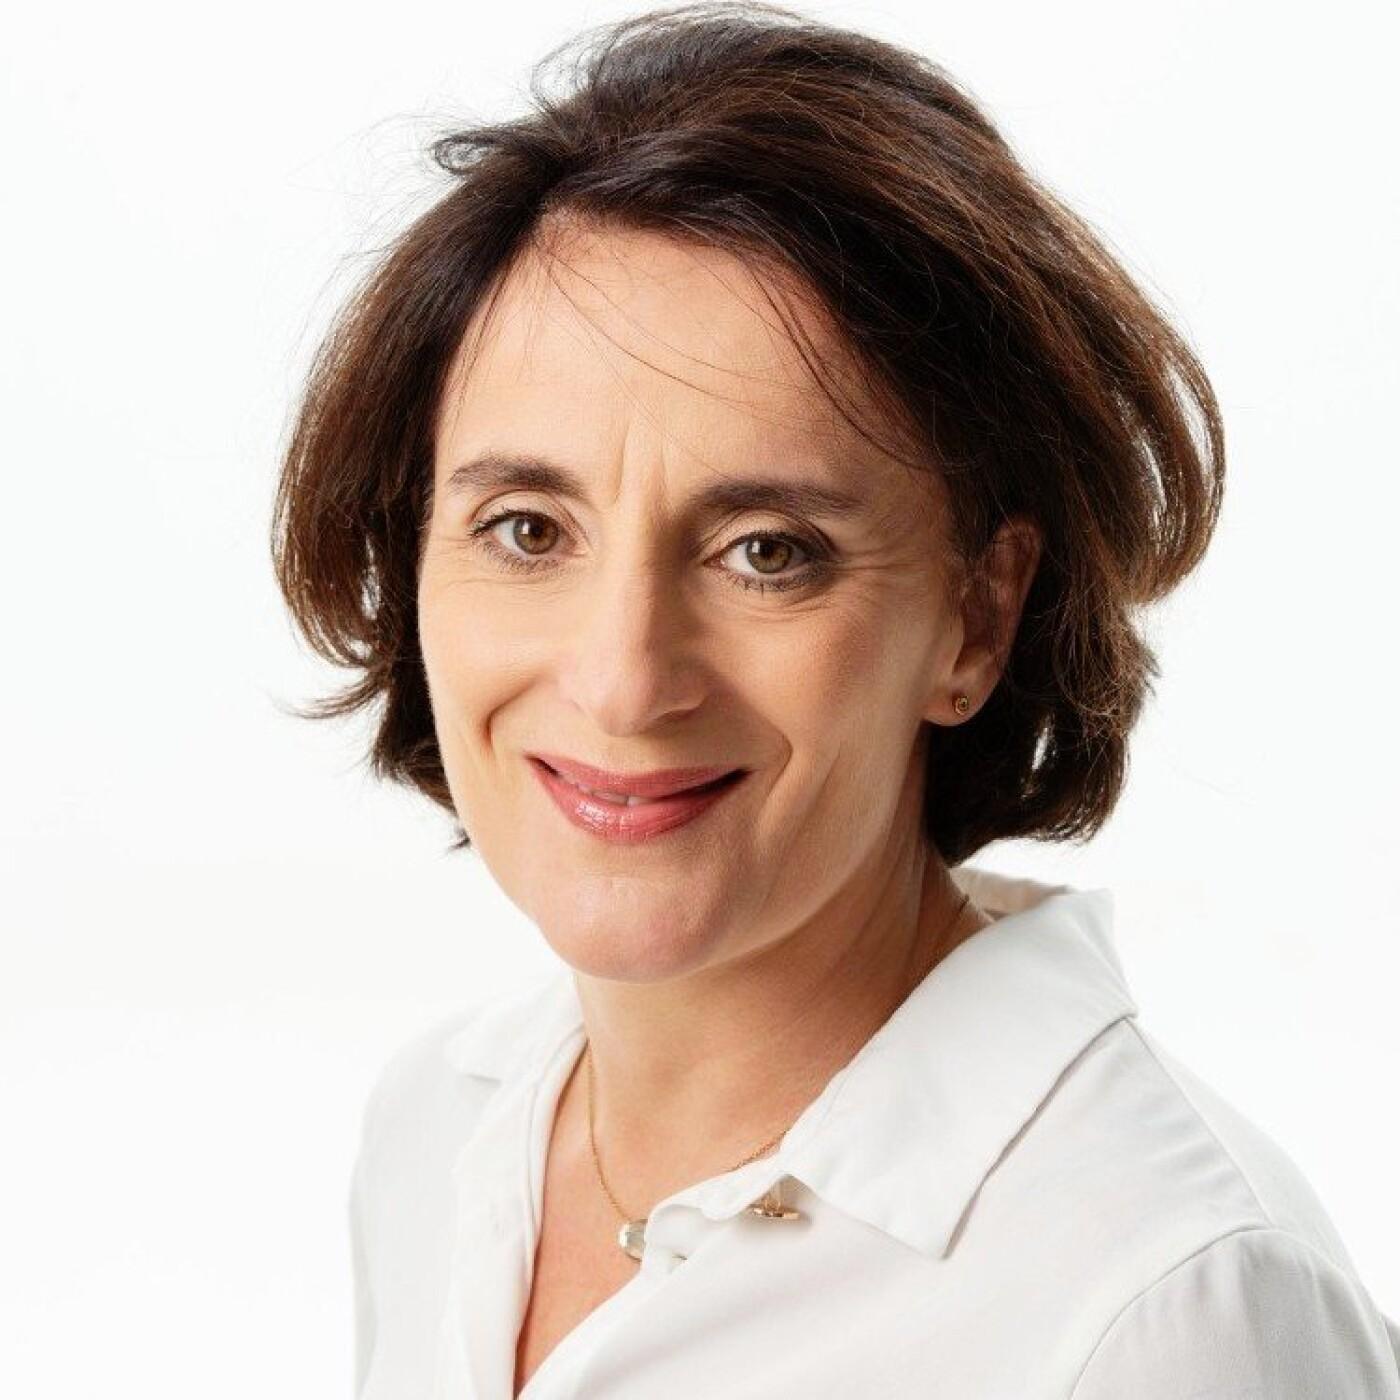 Agnes retrouve la France et la fait découvrir a sa famille chilienne - 16 01 2021 - StereoChic Radio